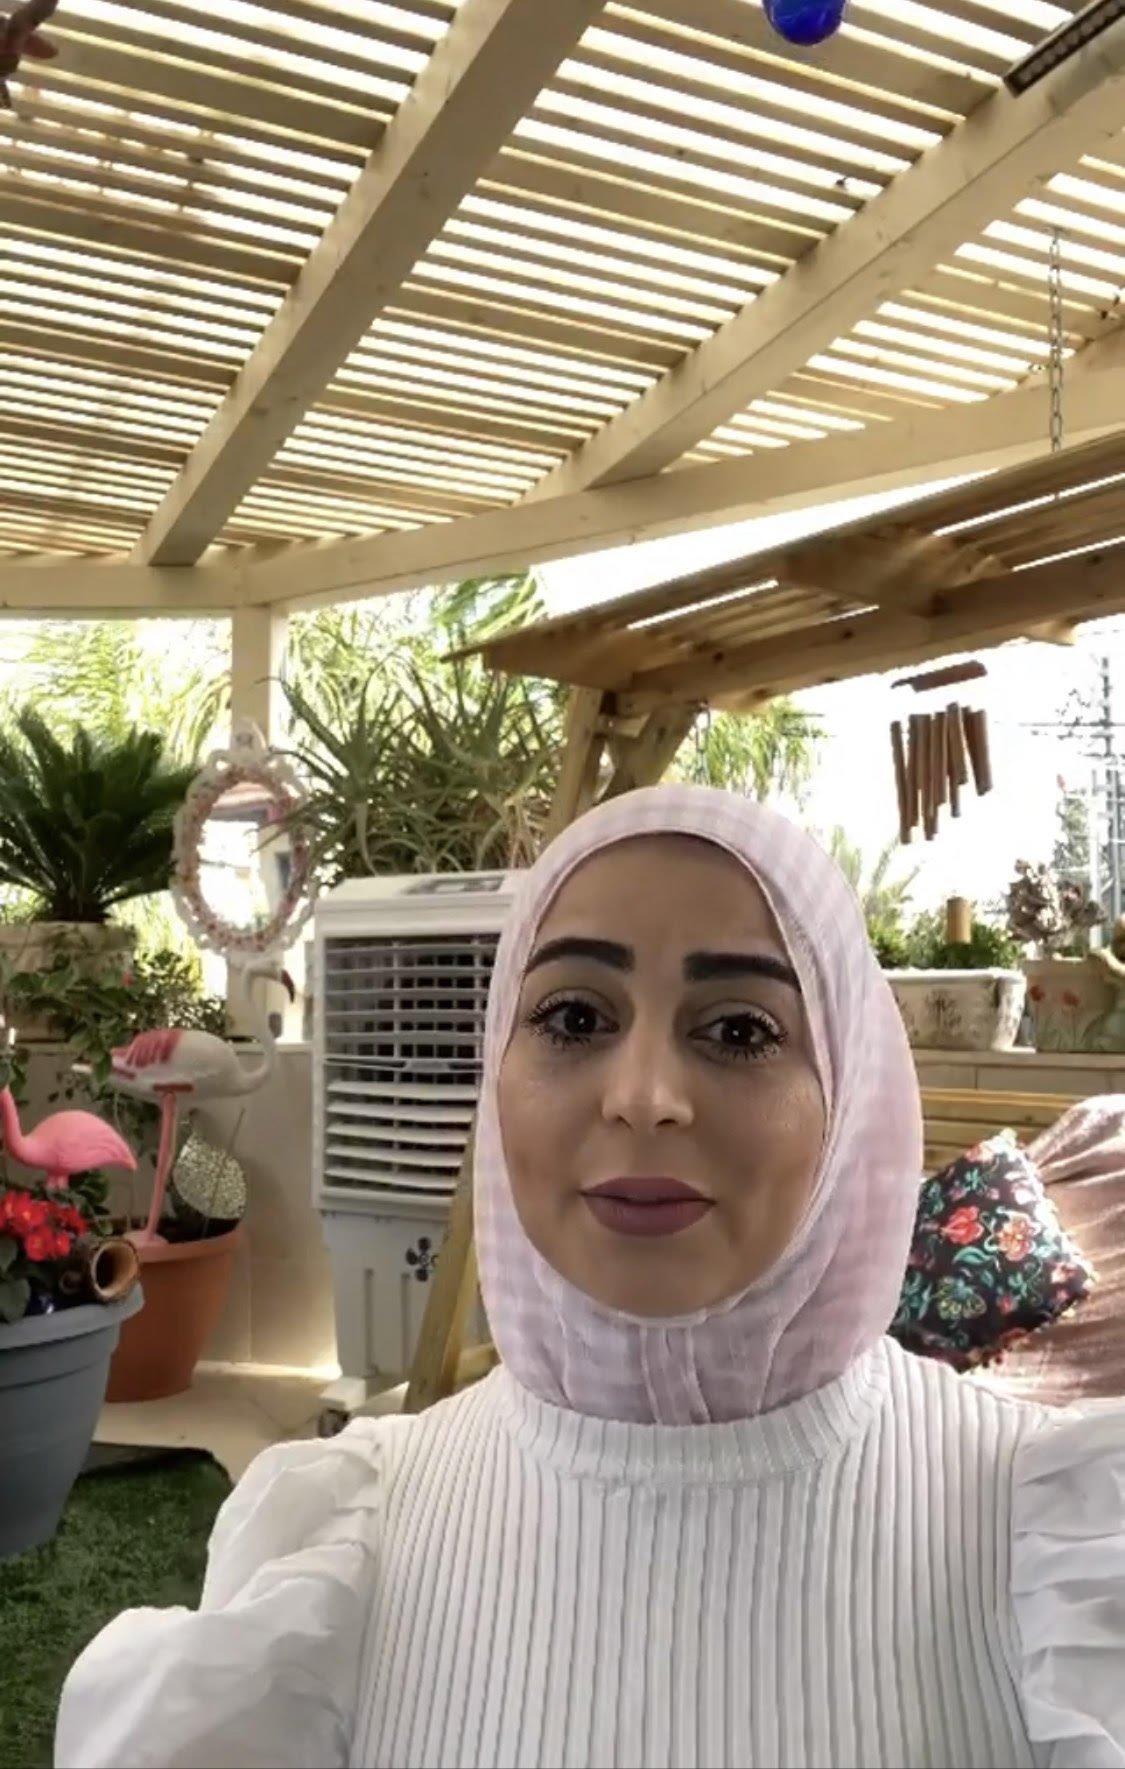 خليك في البيت: مواطنون من قرى وادي عارة يوجهون رسالة بشأن فايروس الكورونا